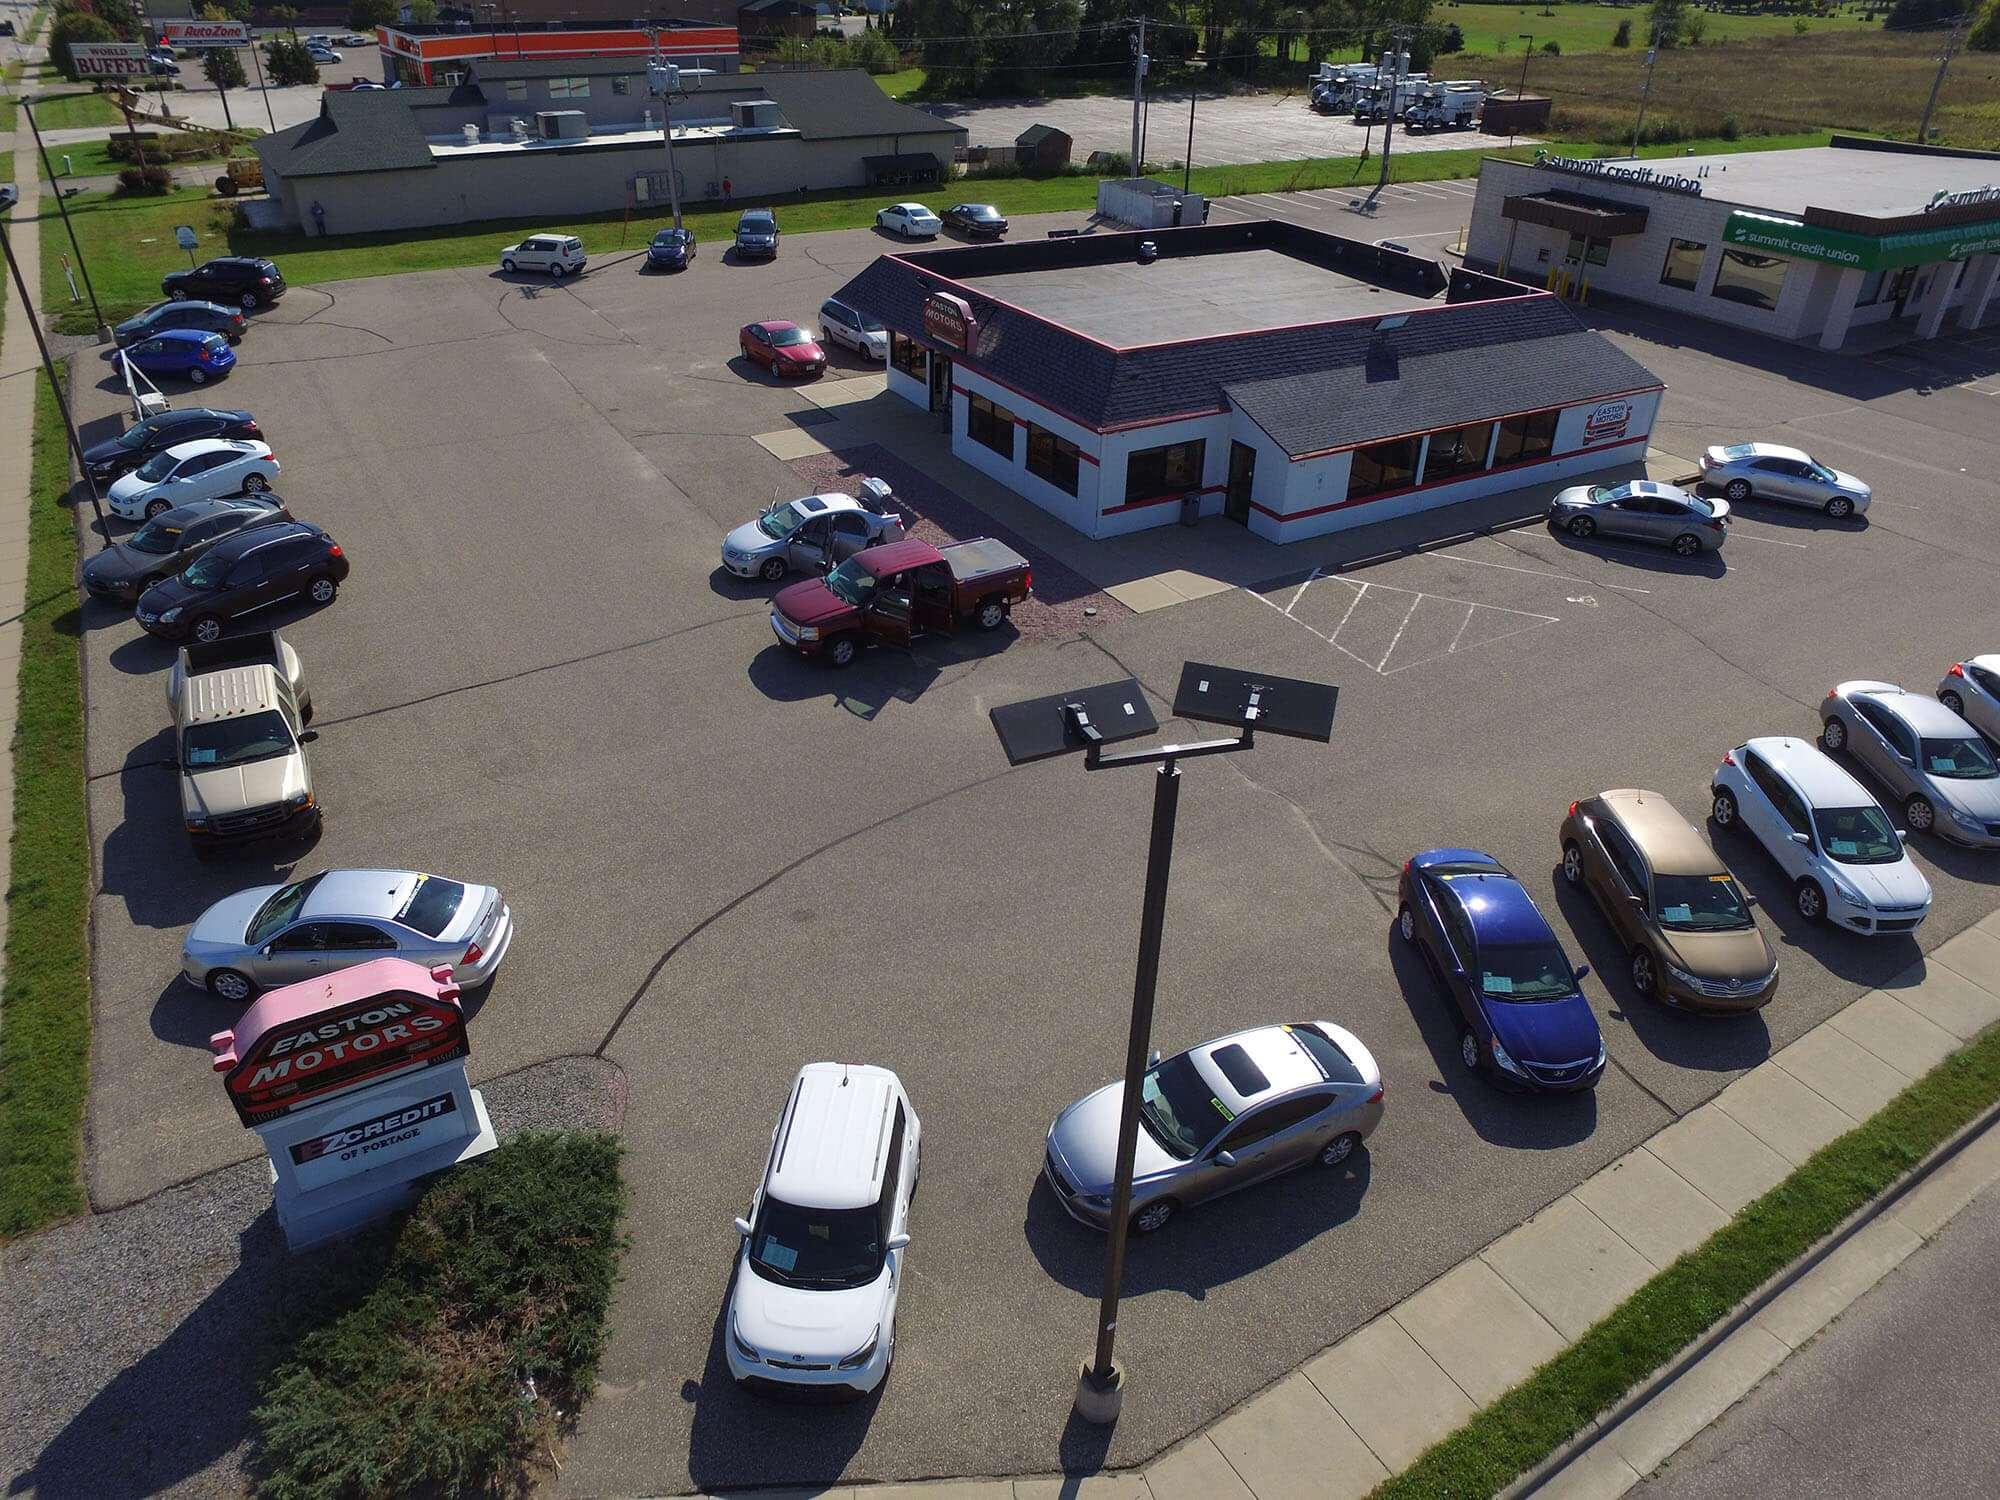 Easton Motors Portage